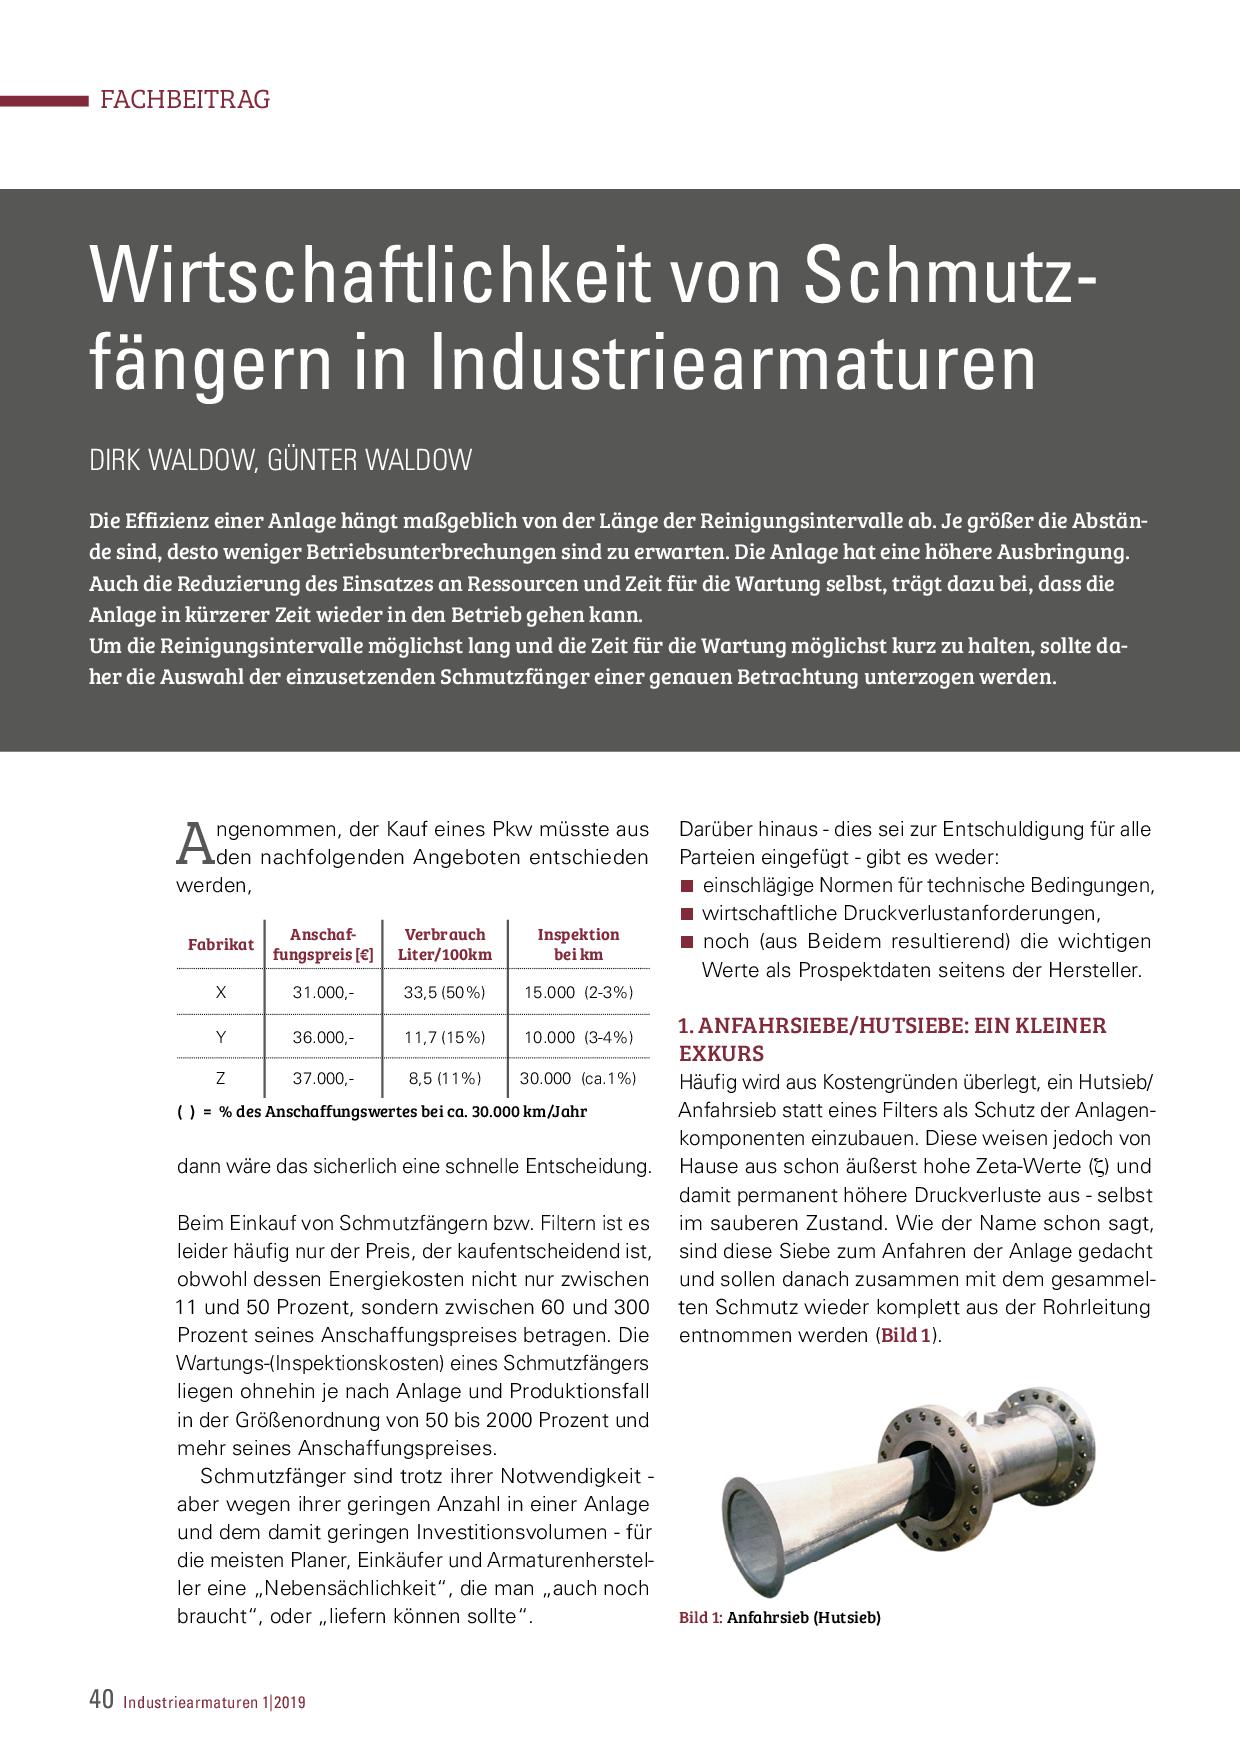 Wirtschaftlichkeit von Schmutzfängern in Industriearmaturen